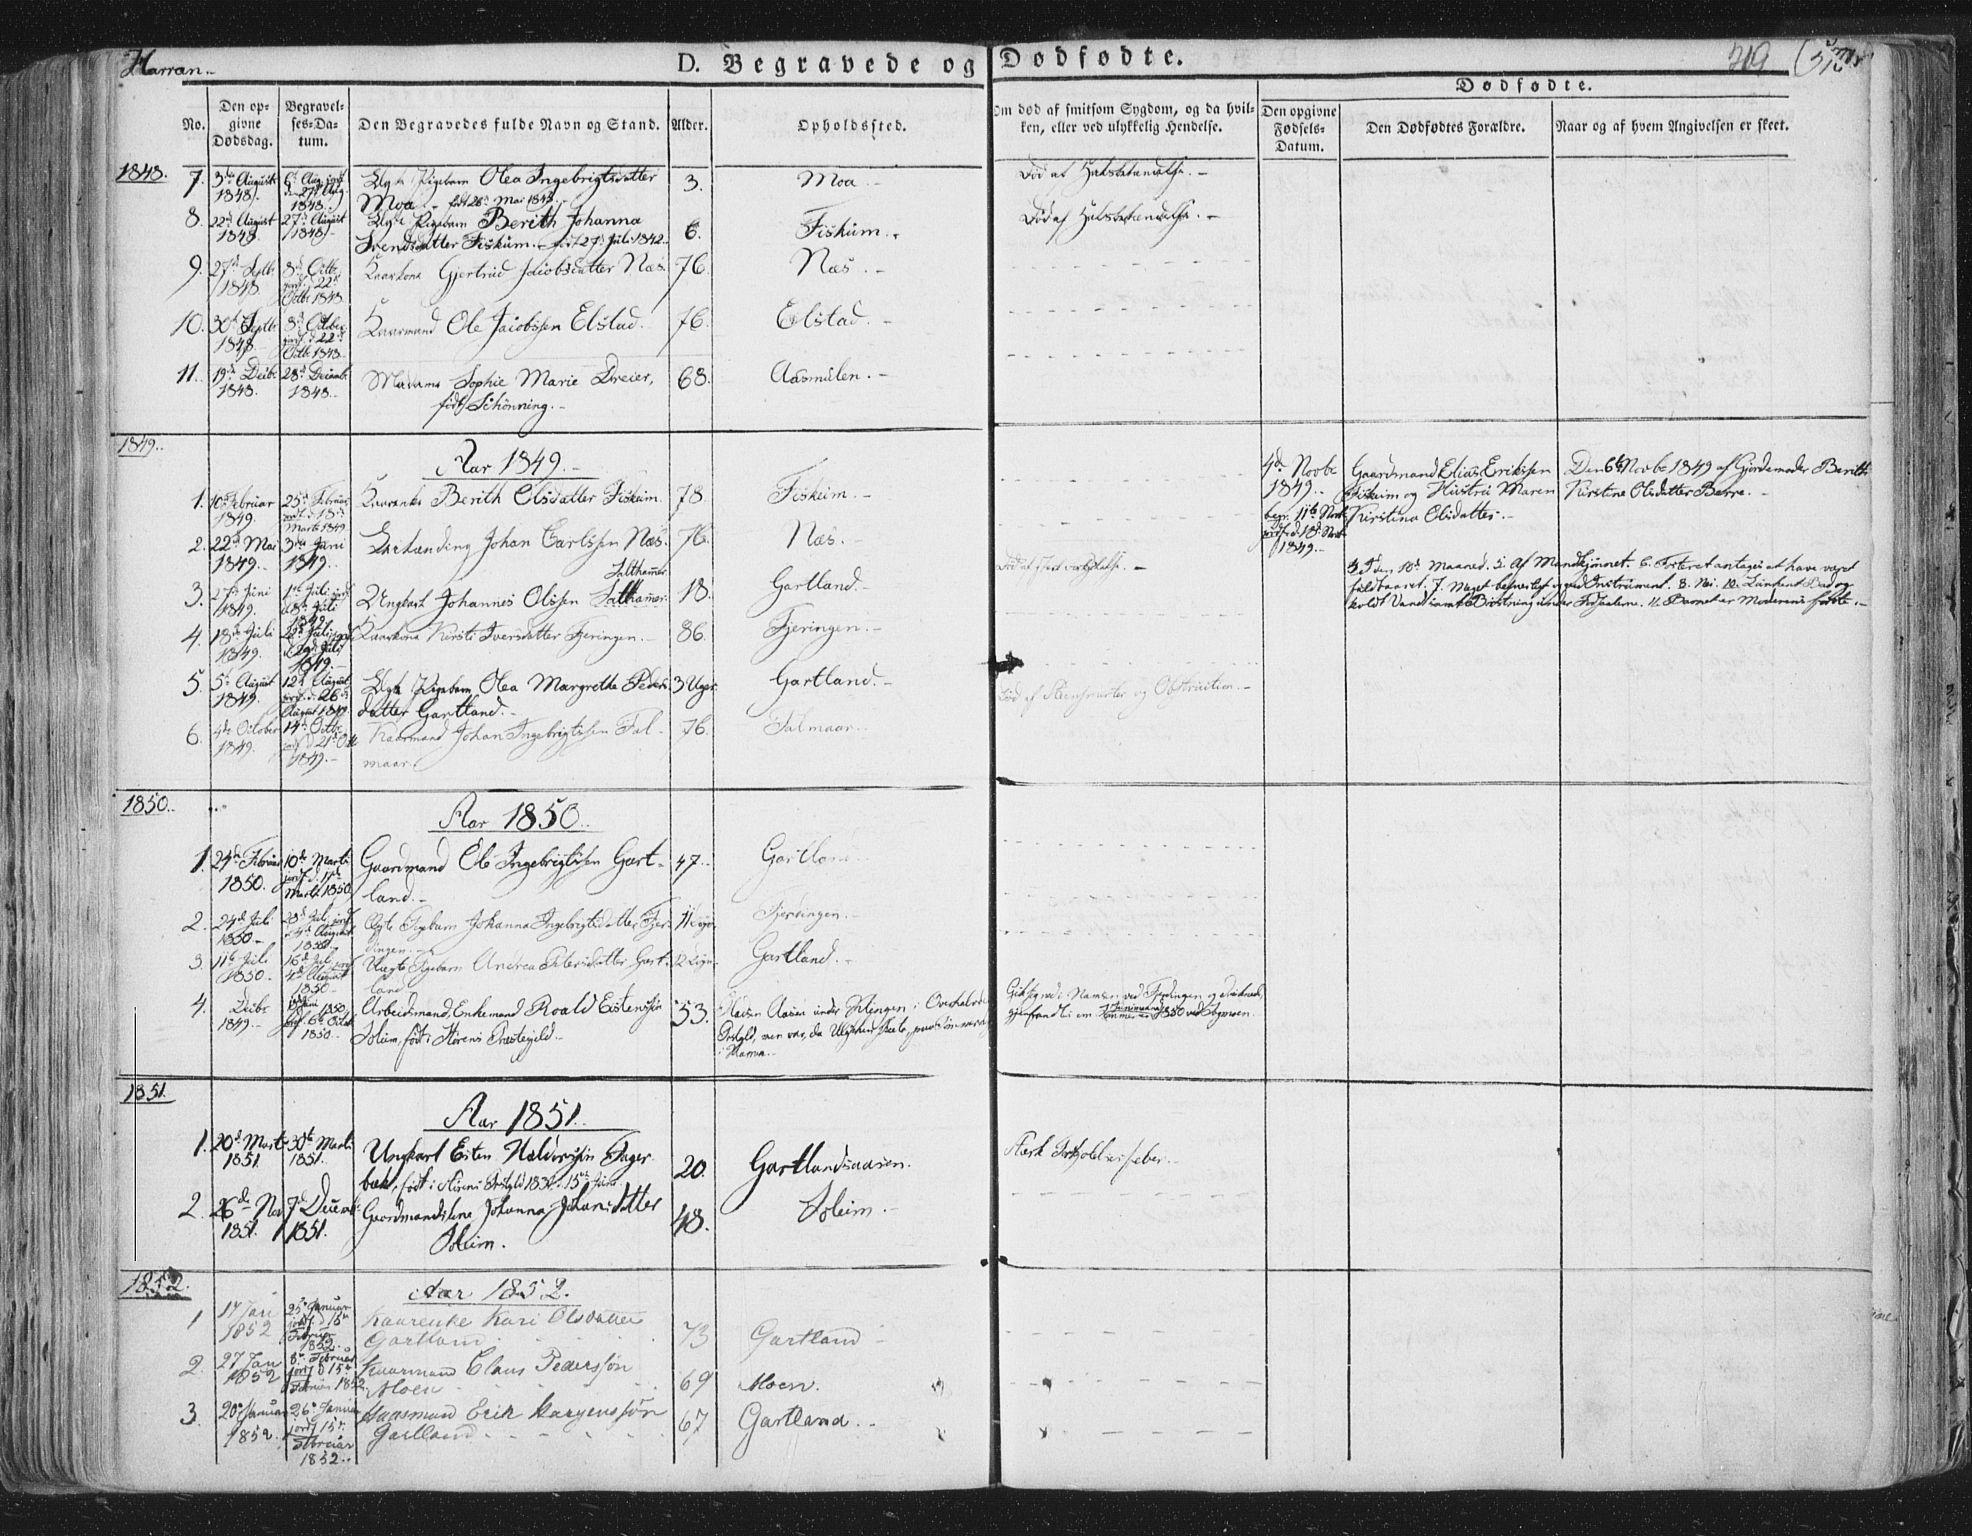 SAT, Ministerialprotokoller, klokkerbøker og fødselsregistre - Nord-Trøndelag, 758/L0513: Ministerialbok nr. 758A02 /3, 1839-1868, s. 219